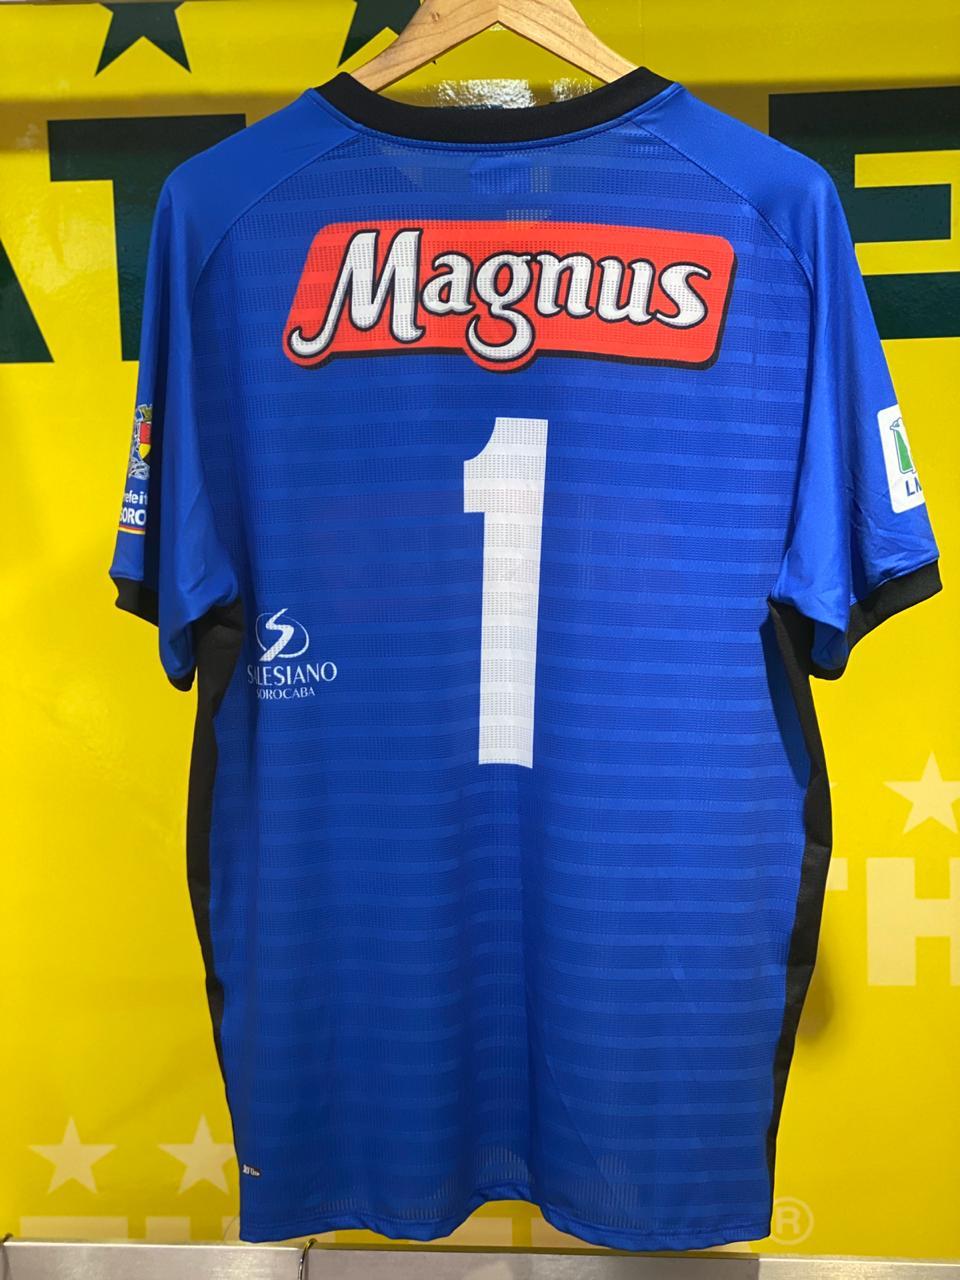 Camisa Magnus Oficial Goleiro